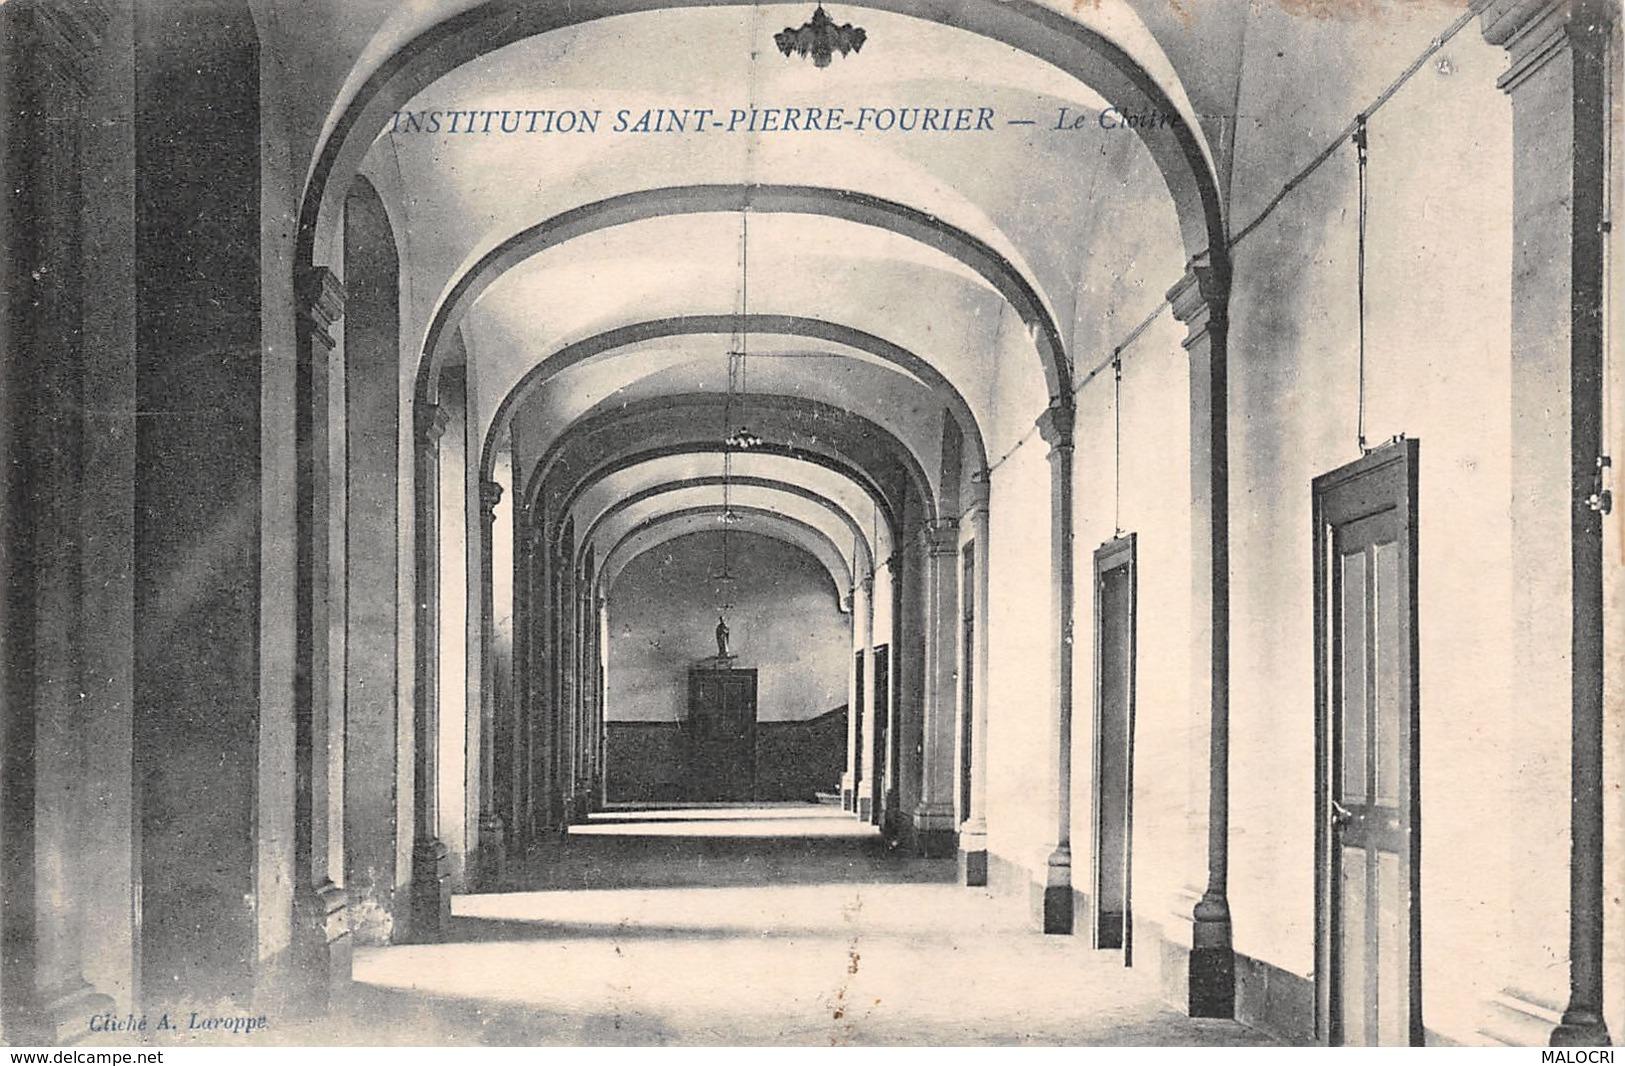 54-LUNEVILLE INSTITUTION SAINT PIERRE FOURIER-N°1176-B/0101 - Luneville